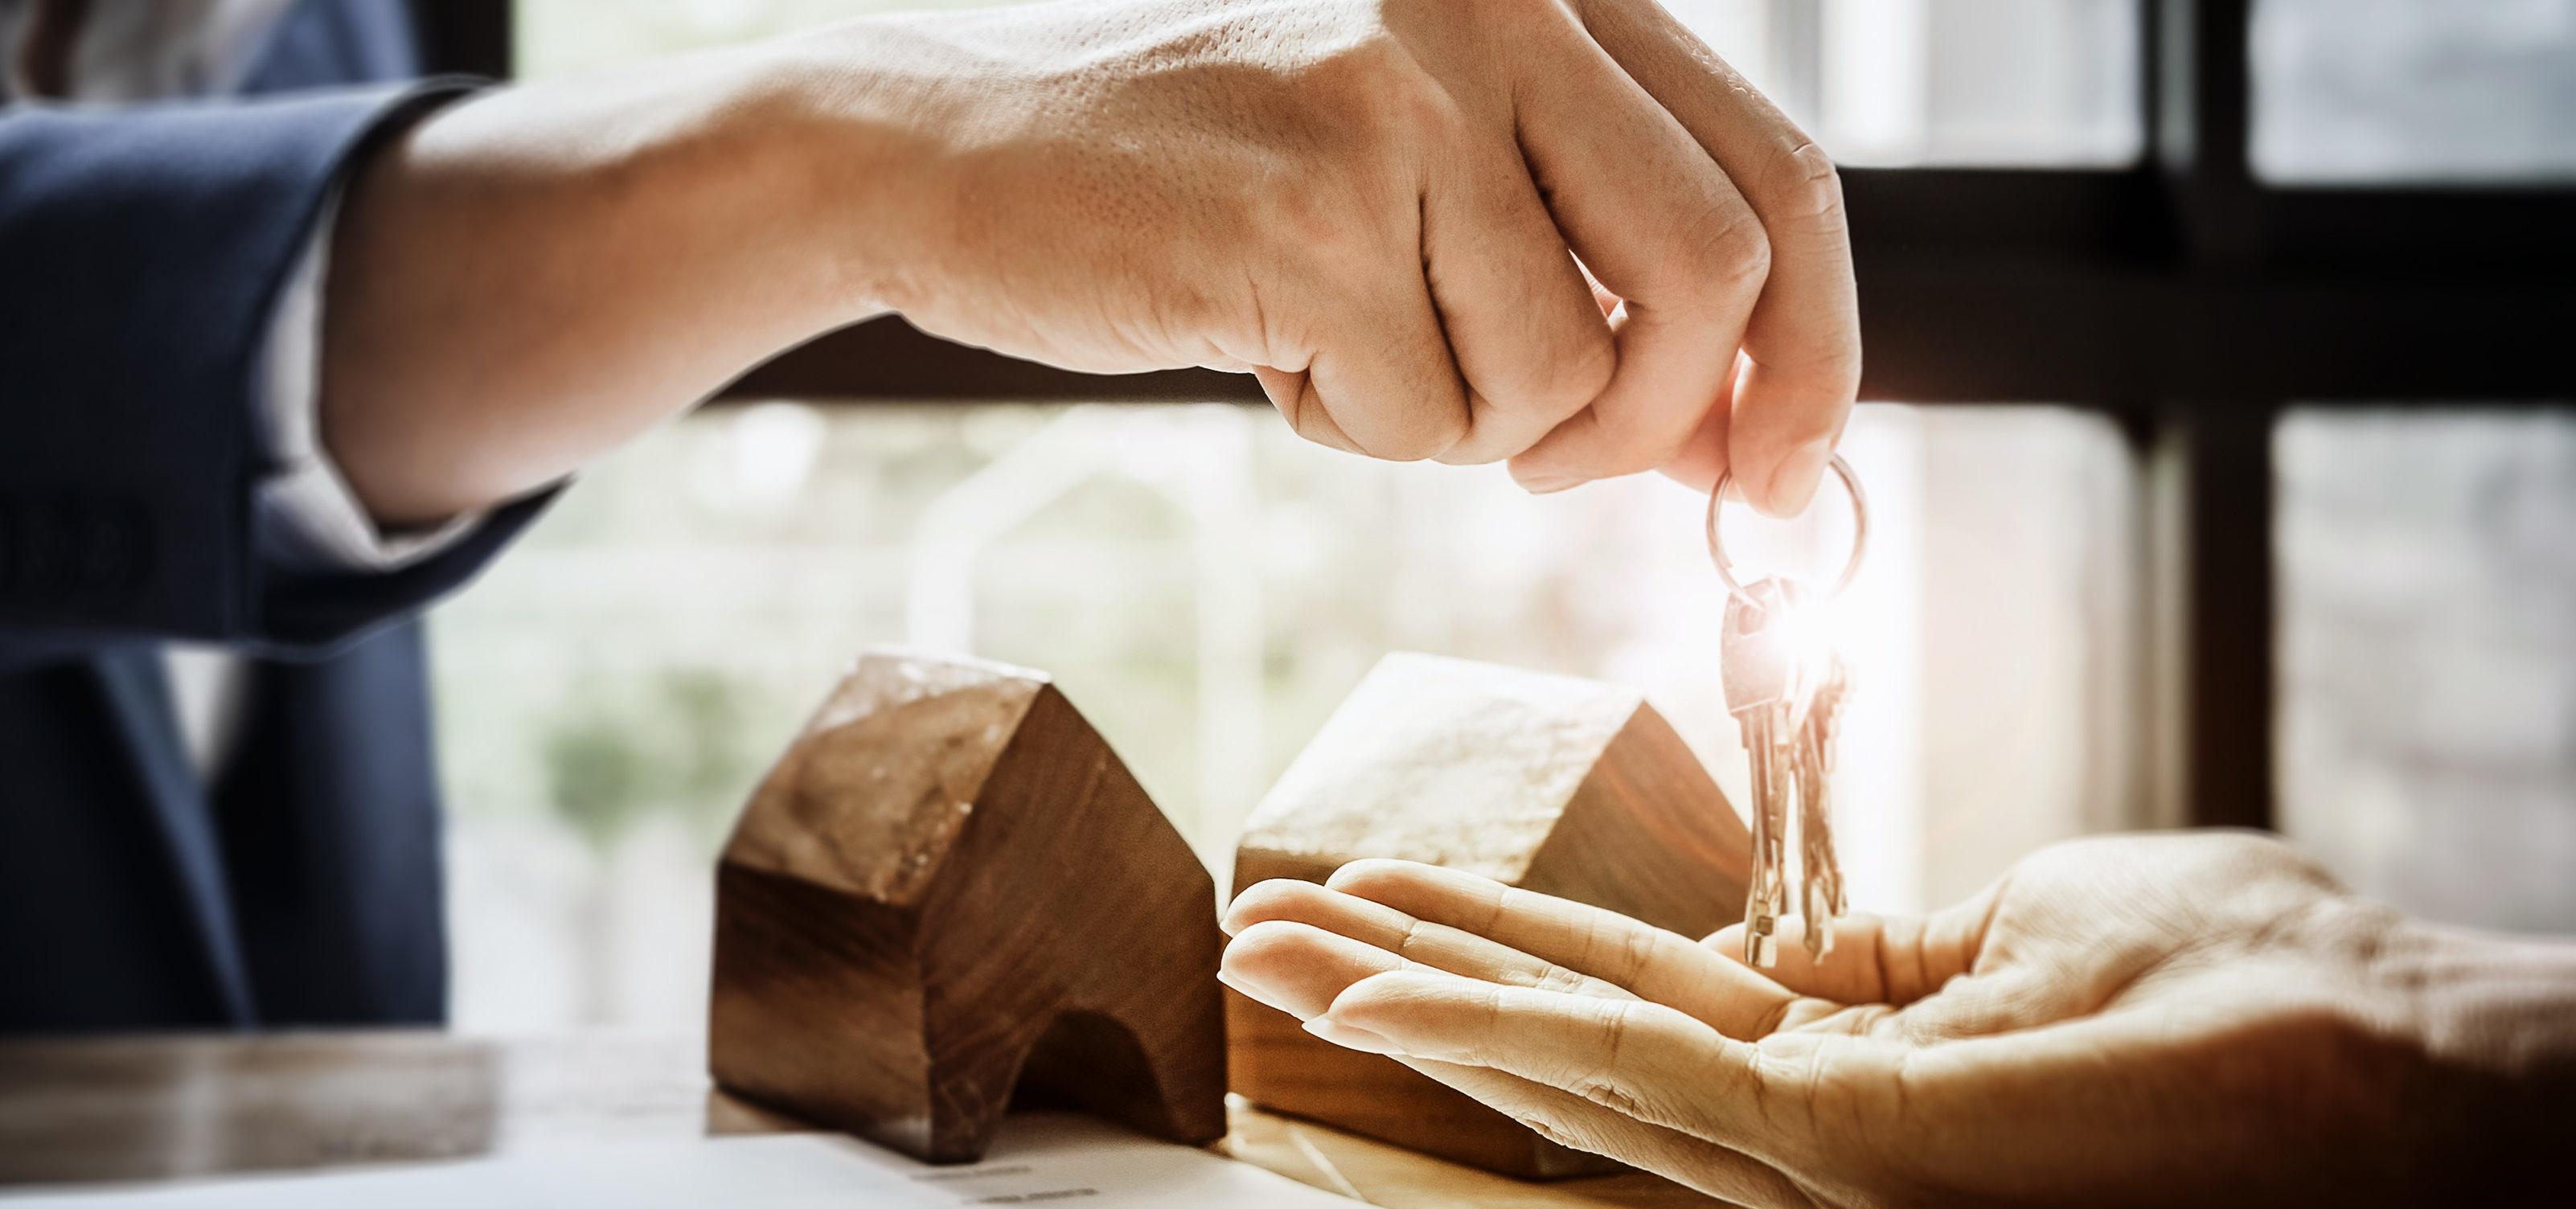 arrendamento da casa: bom ou mau investimento?